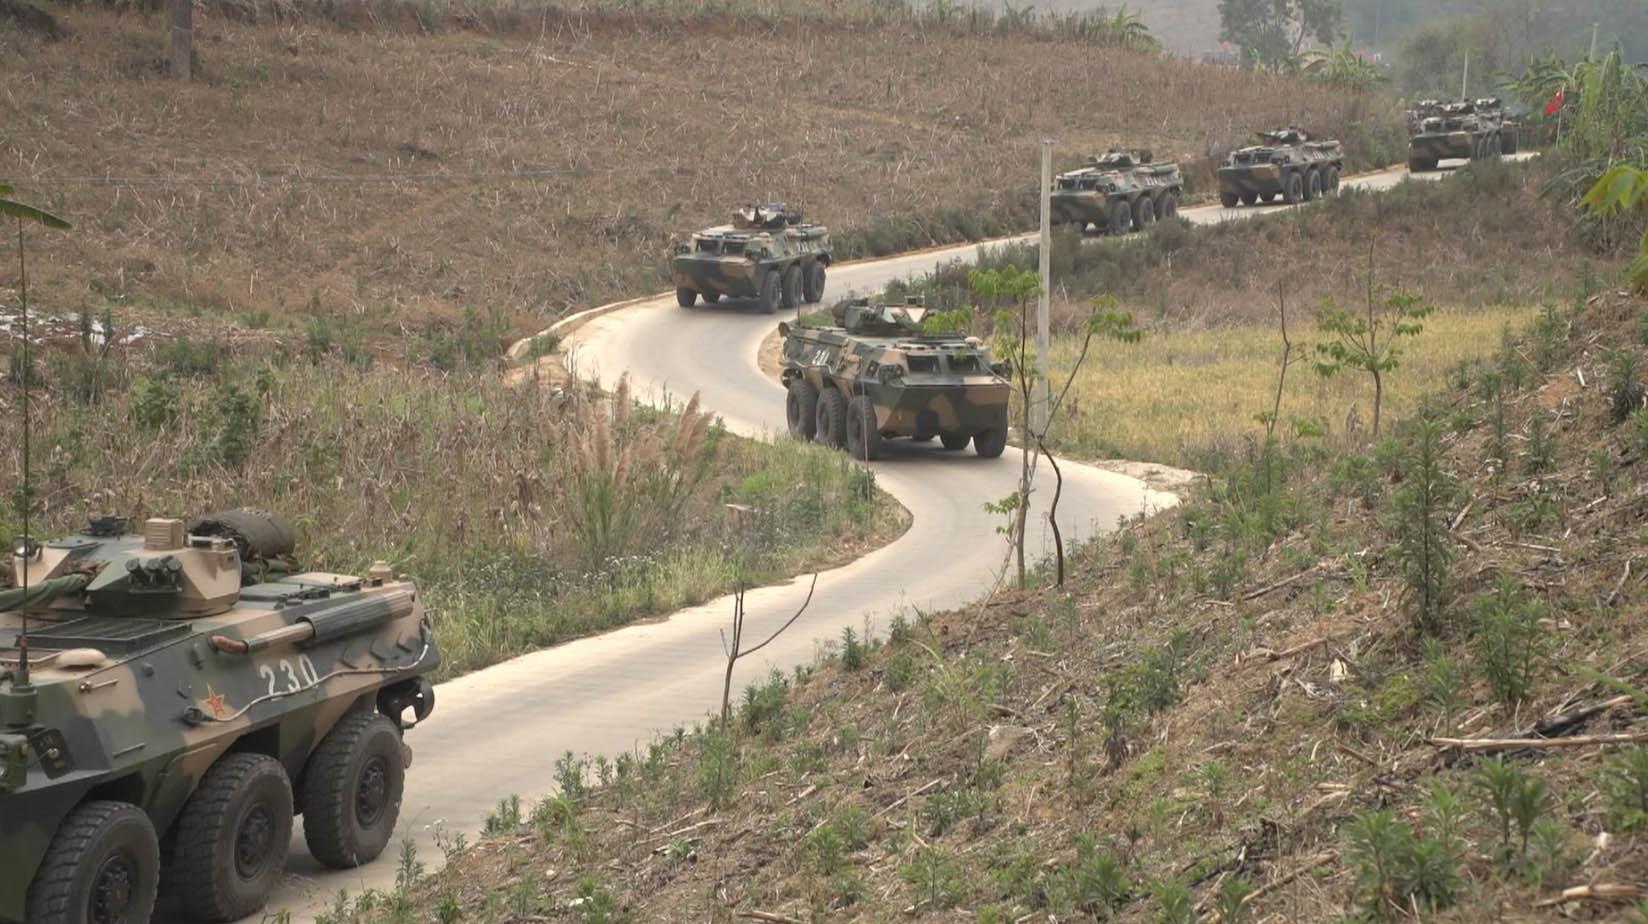 解放军在中缅边境实弹演习 展示维护边防决心